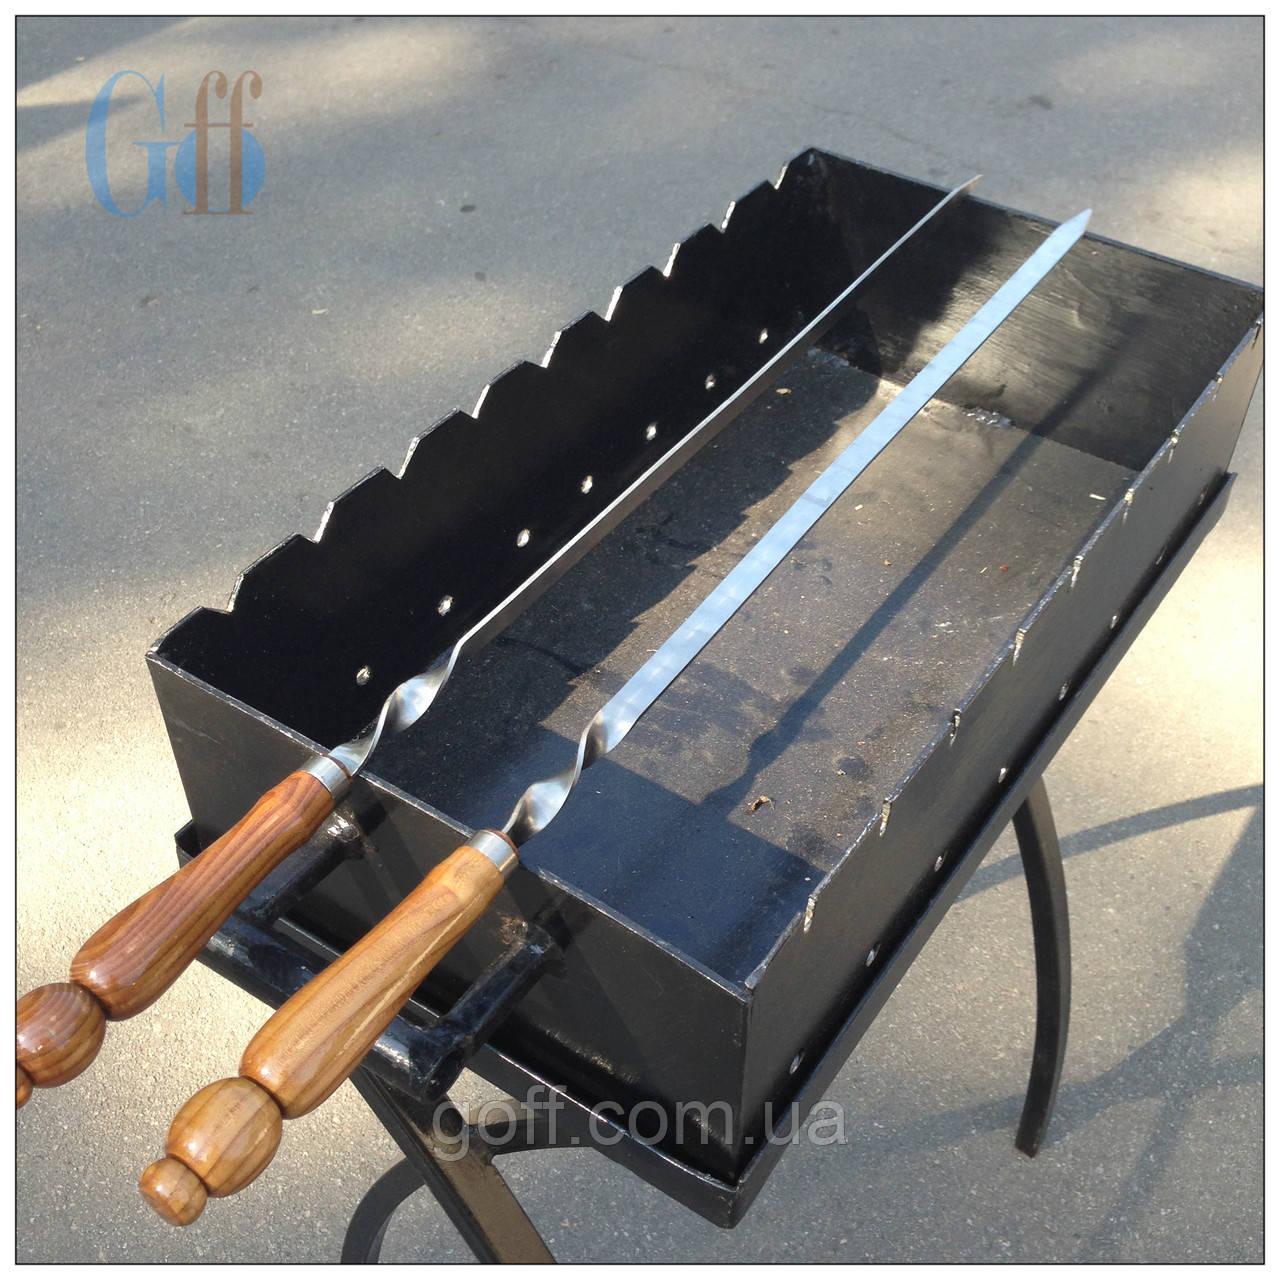 Шампур плоский, Шампур с деревянной ручкой, Шампур 71 см.